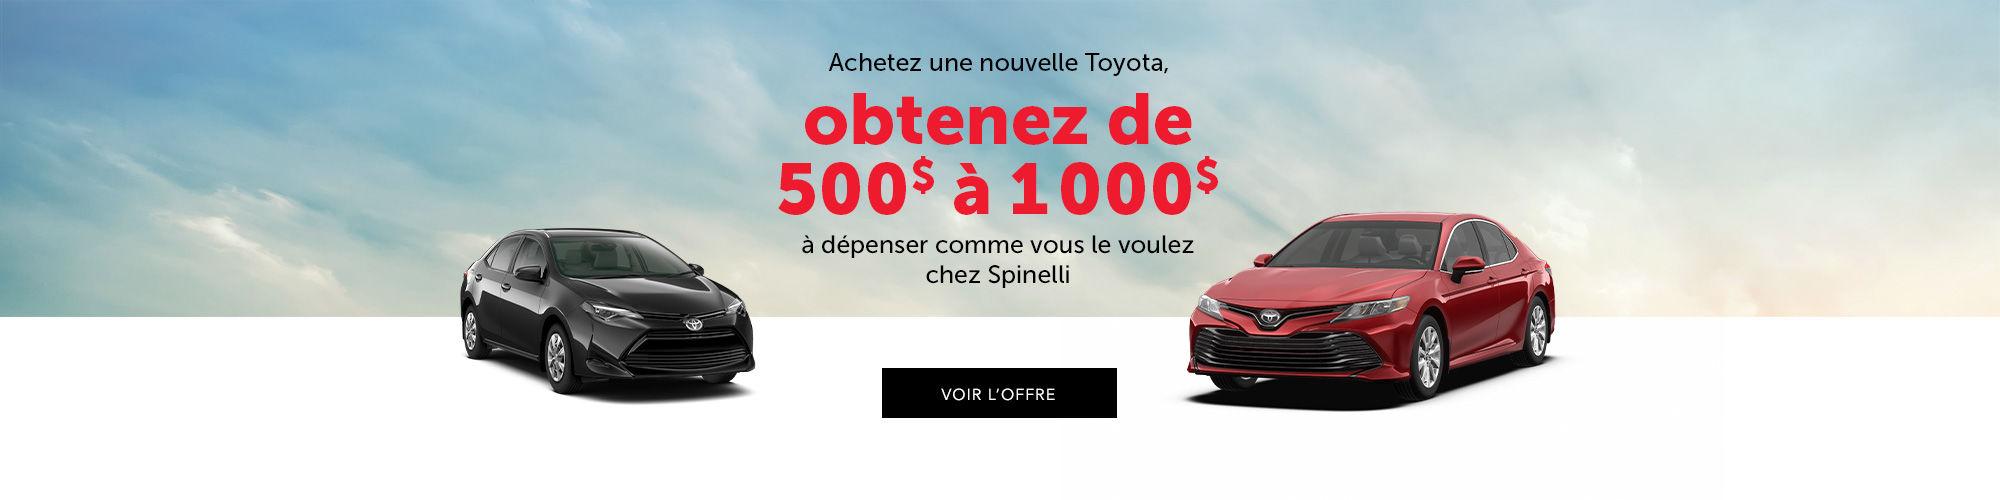 Jusqu'à 1000$ de rabais à l'achat d'une nouvelle Toyota